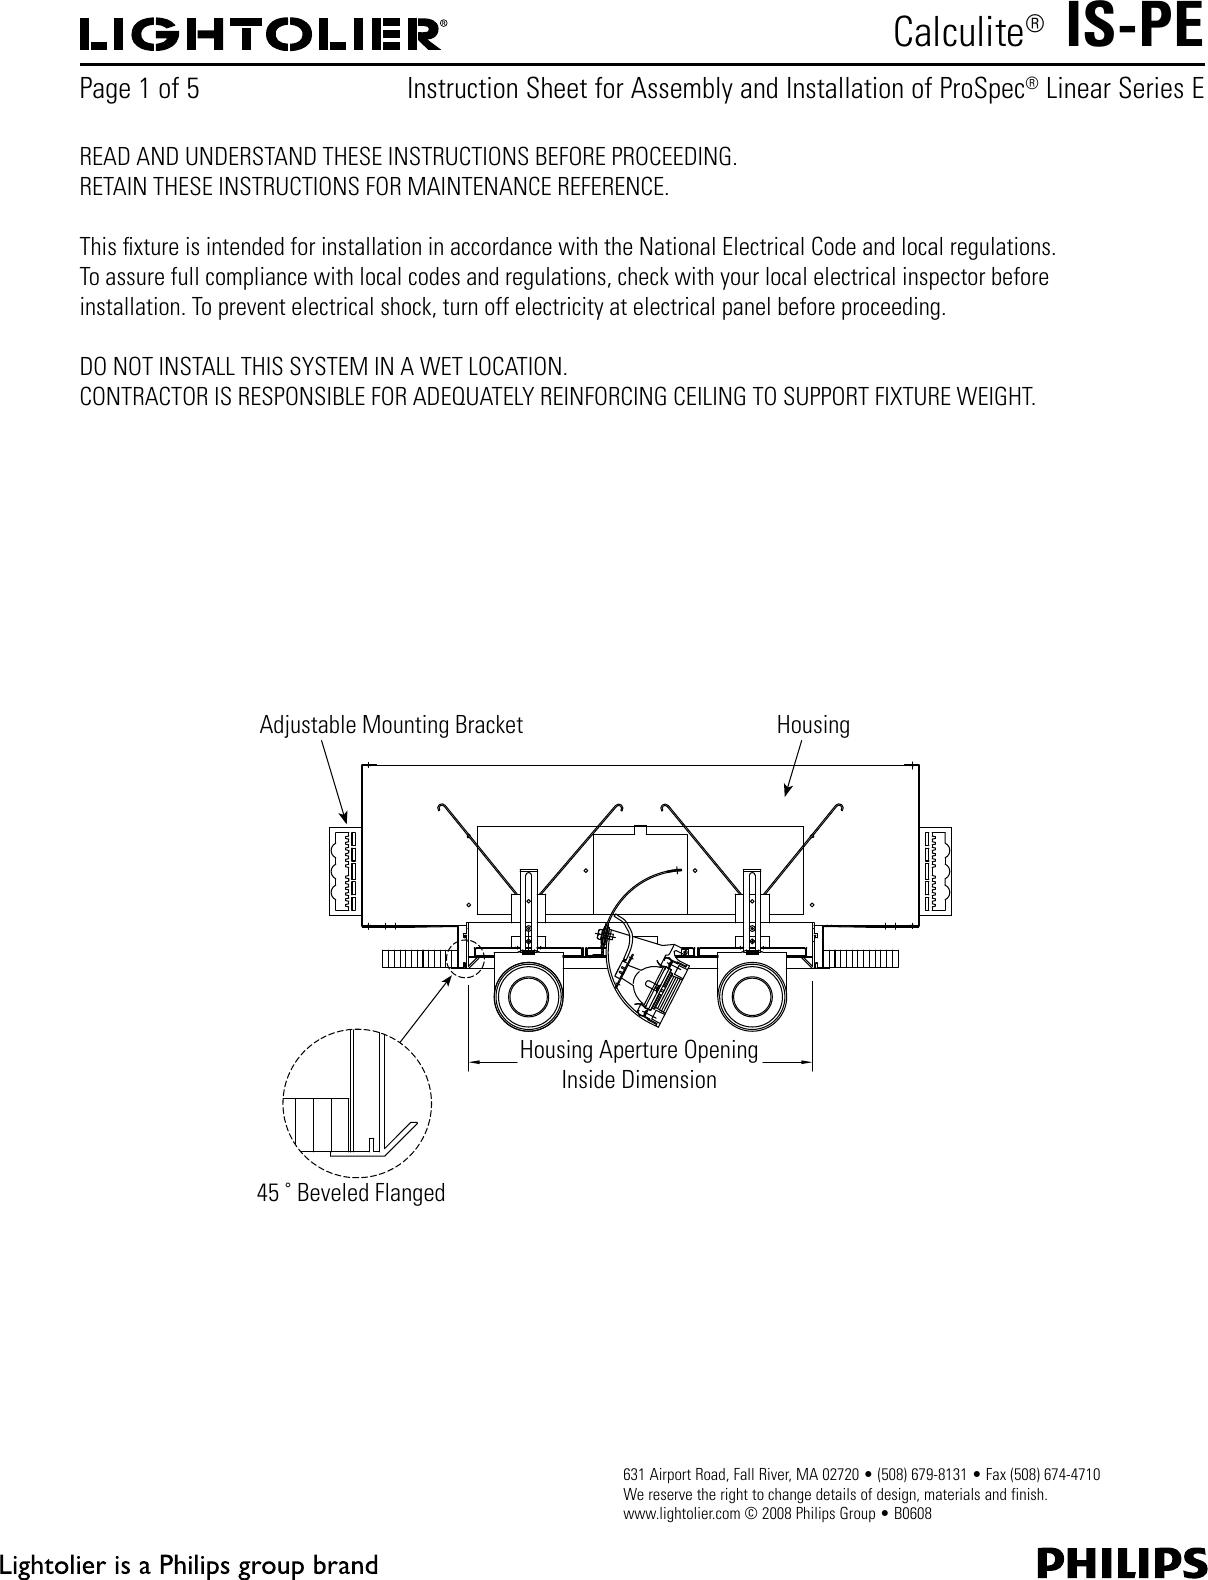 hight resolution of lightolier wiring diagram wiring diagram worldlightolier wiring diagram electrical wiring diagram lightolier zp600 wiring diagram lightolier